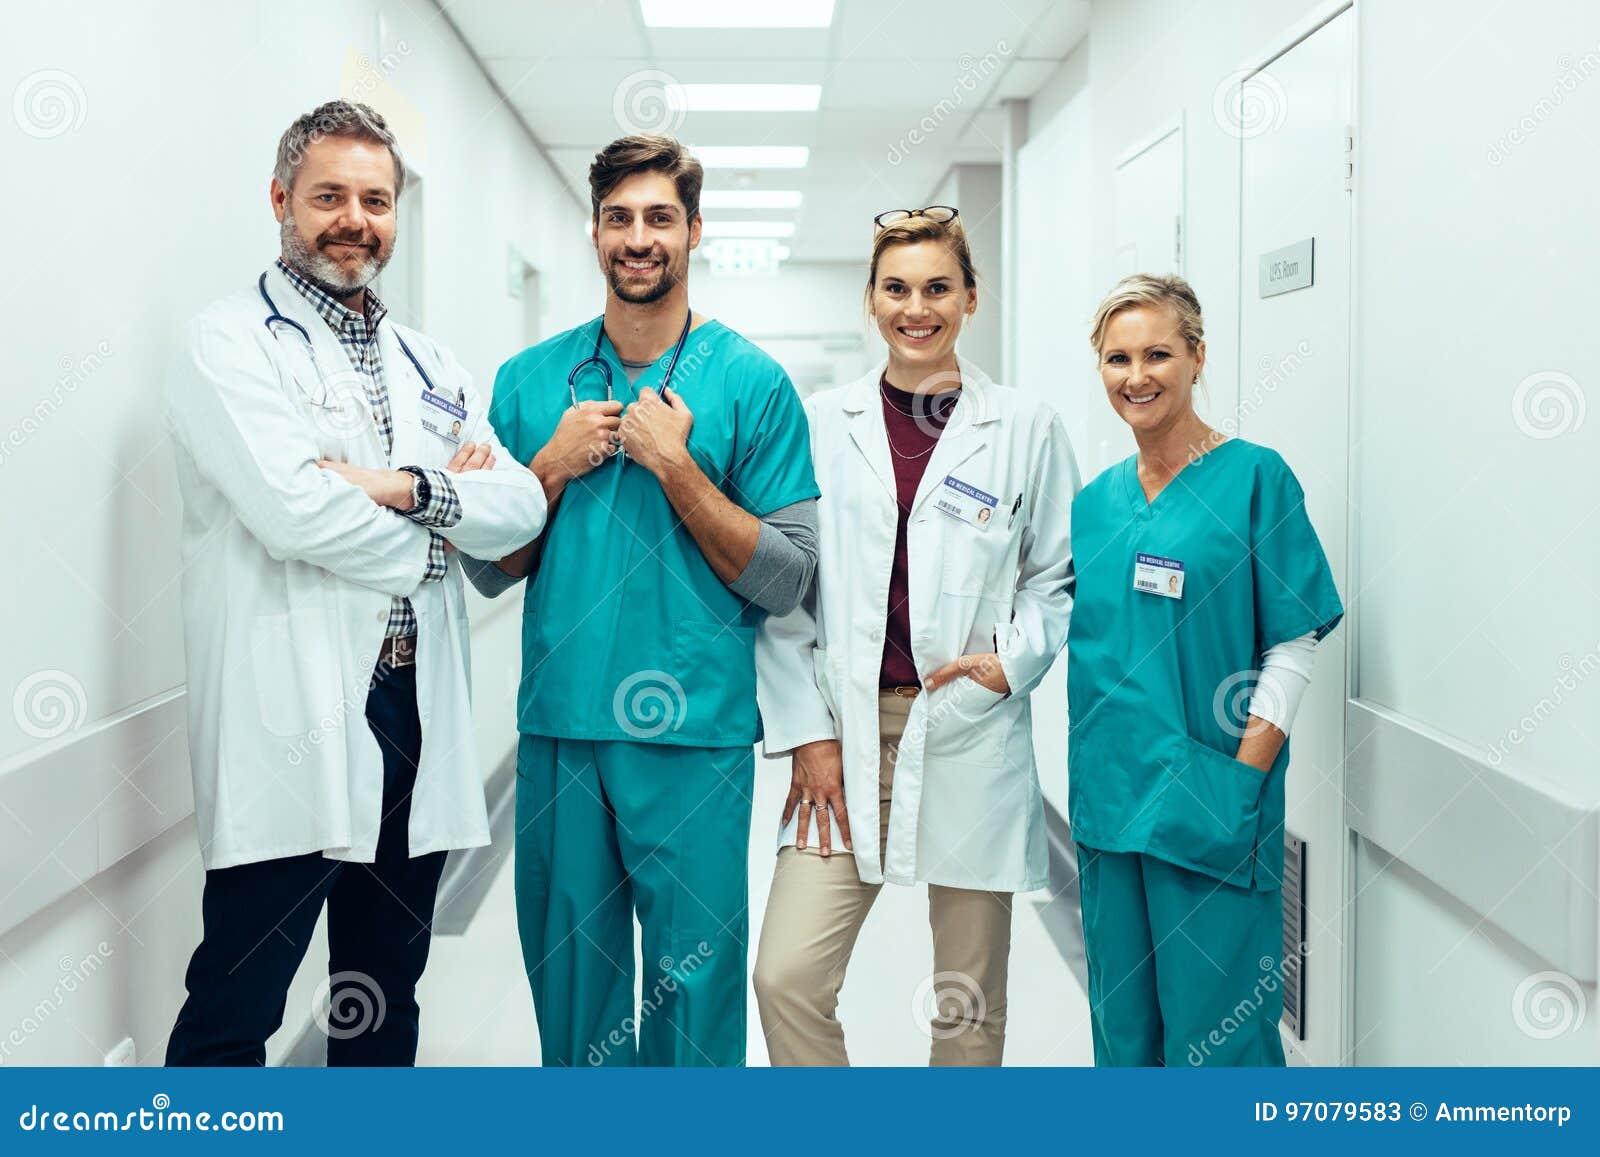 Grupp av personer med paramedicinsk utbildning som står i sjukhuskorridor